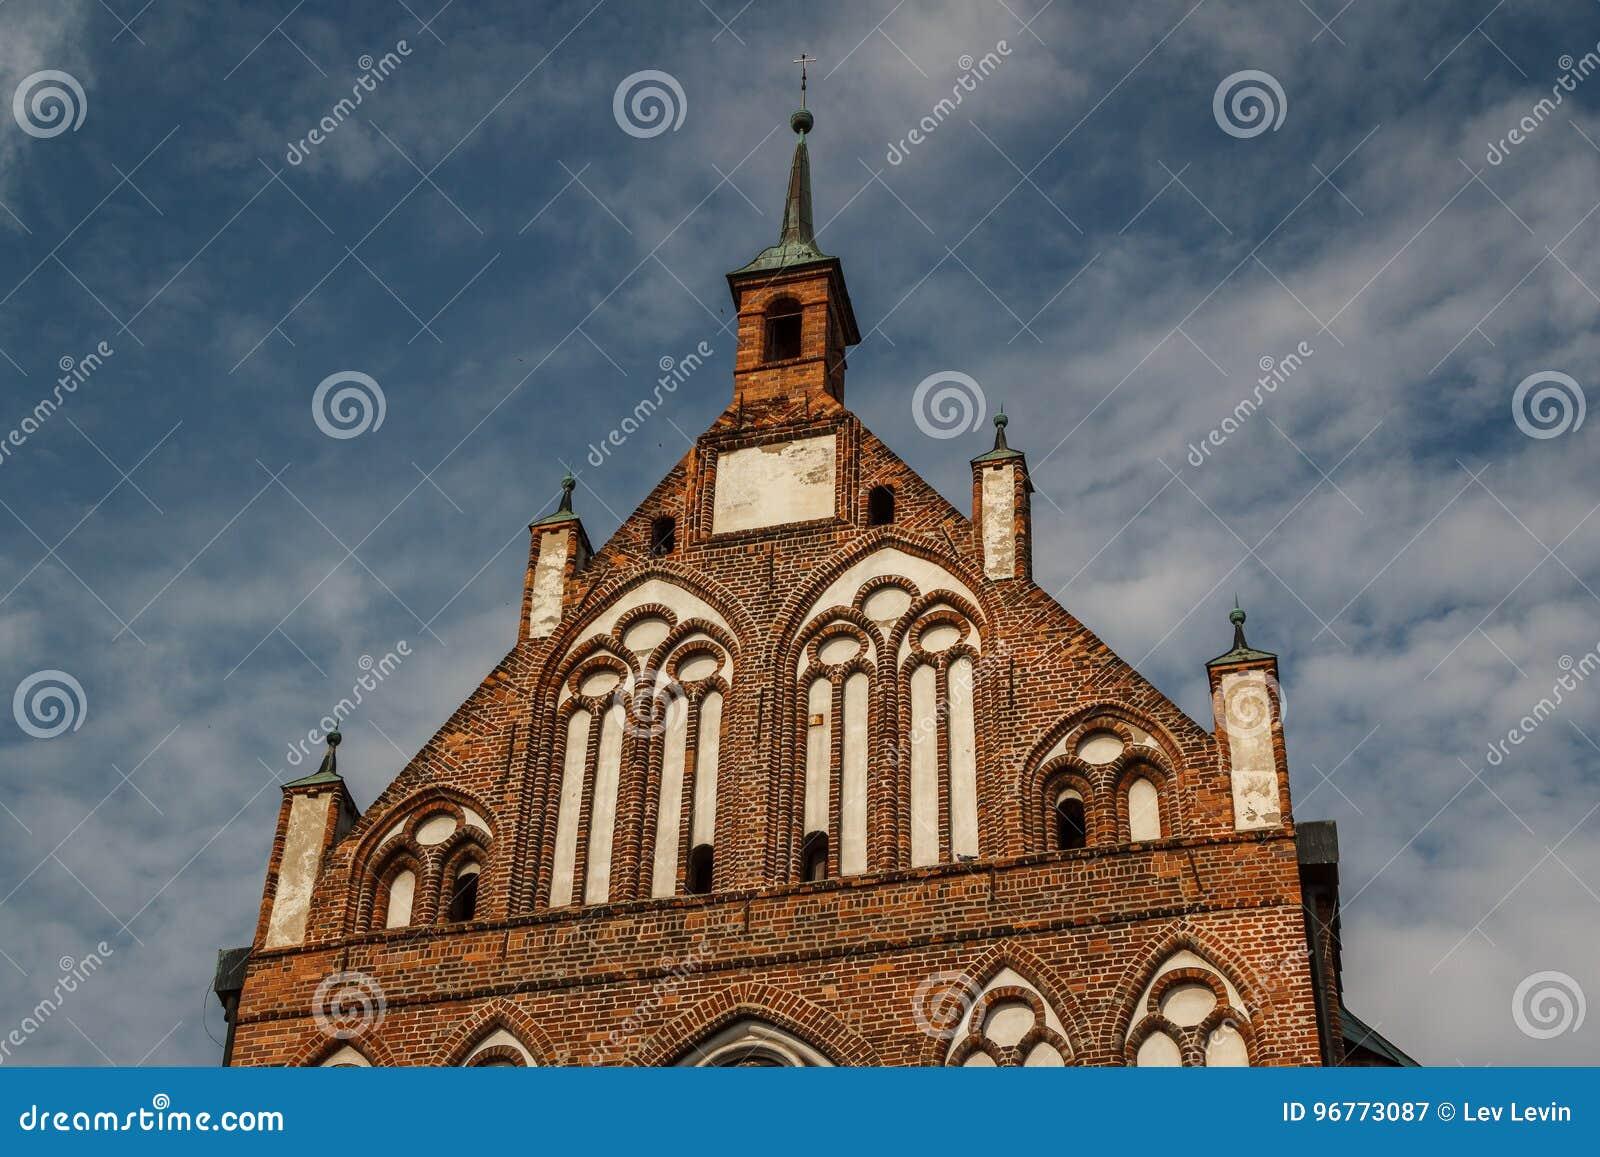 Gotische Kirche in der historischen Mitte von Greifswald